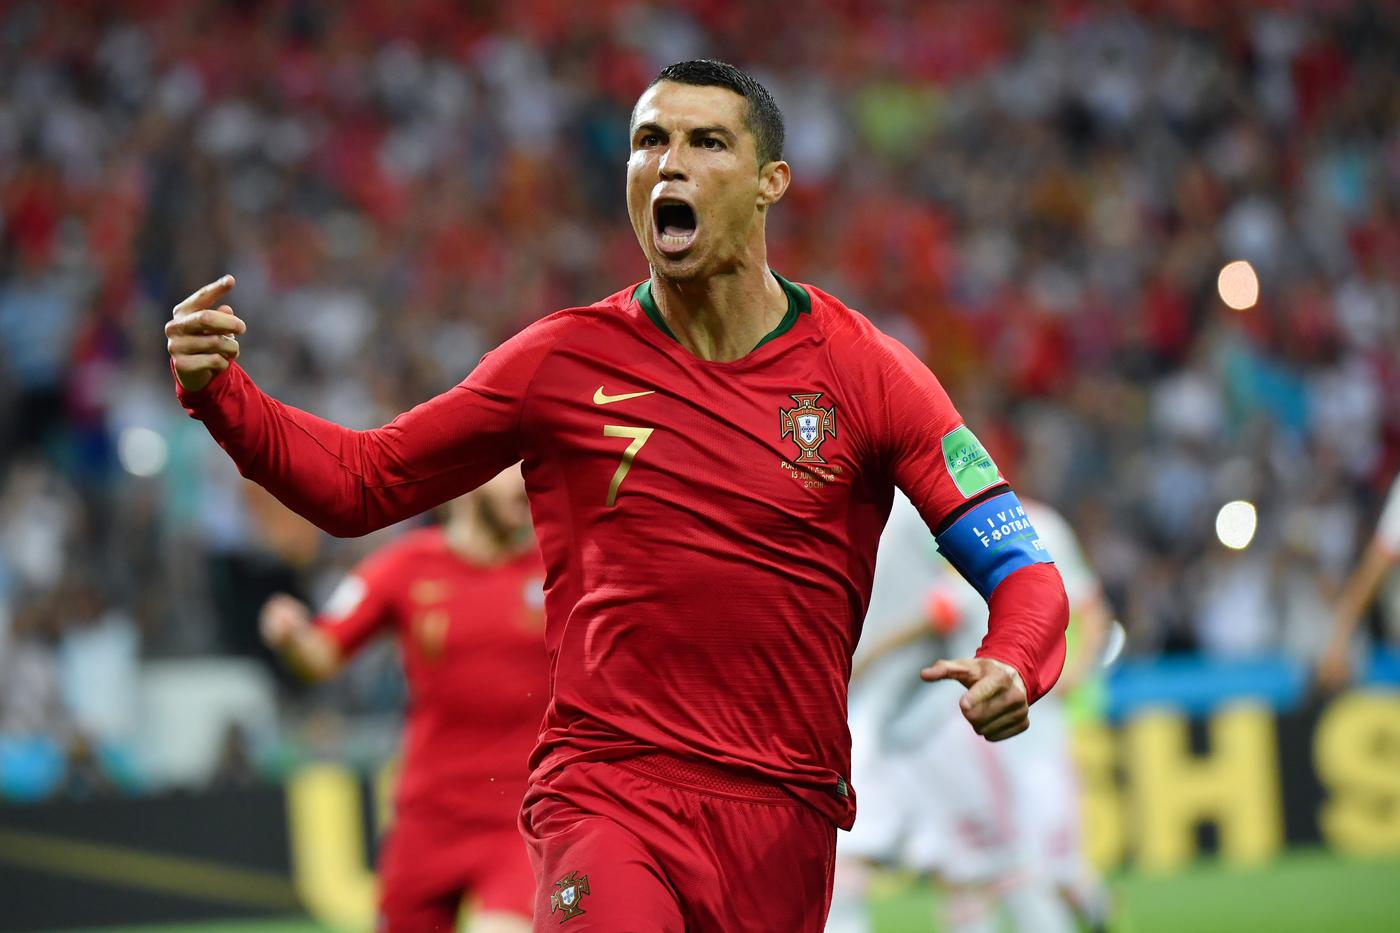 Qualificazioni Europei, Portogallo-Ucraina venerdì 22 marzo: analisi e pronostico della prima giornata della fase a gironi